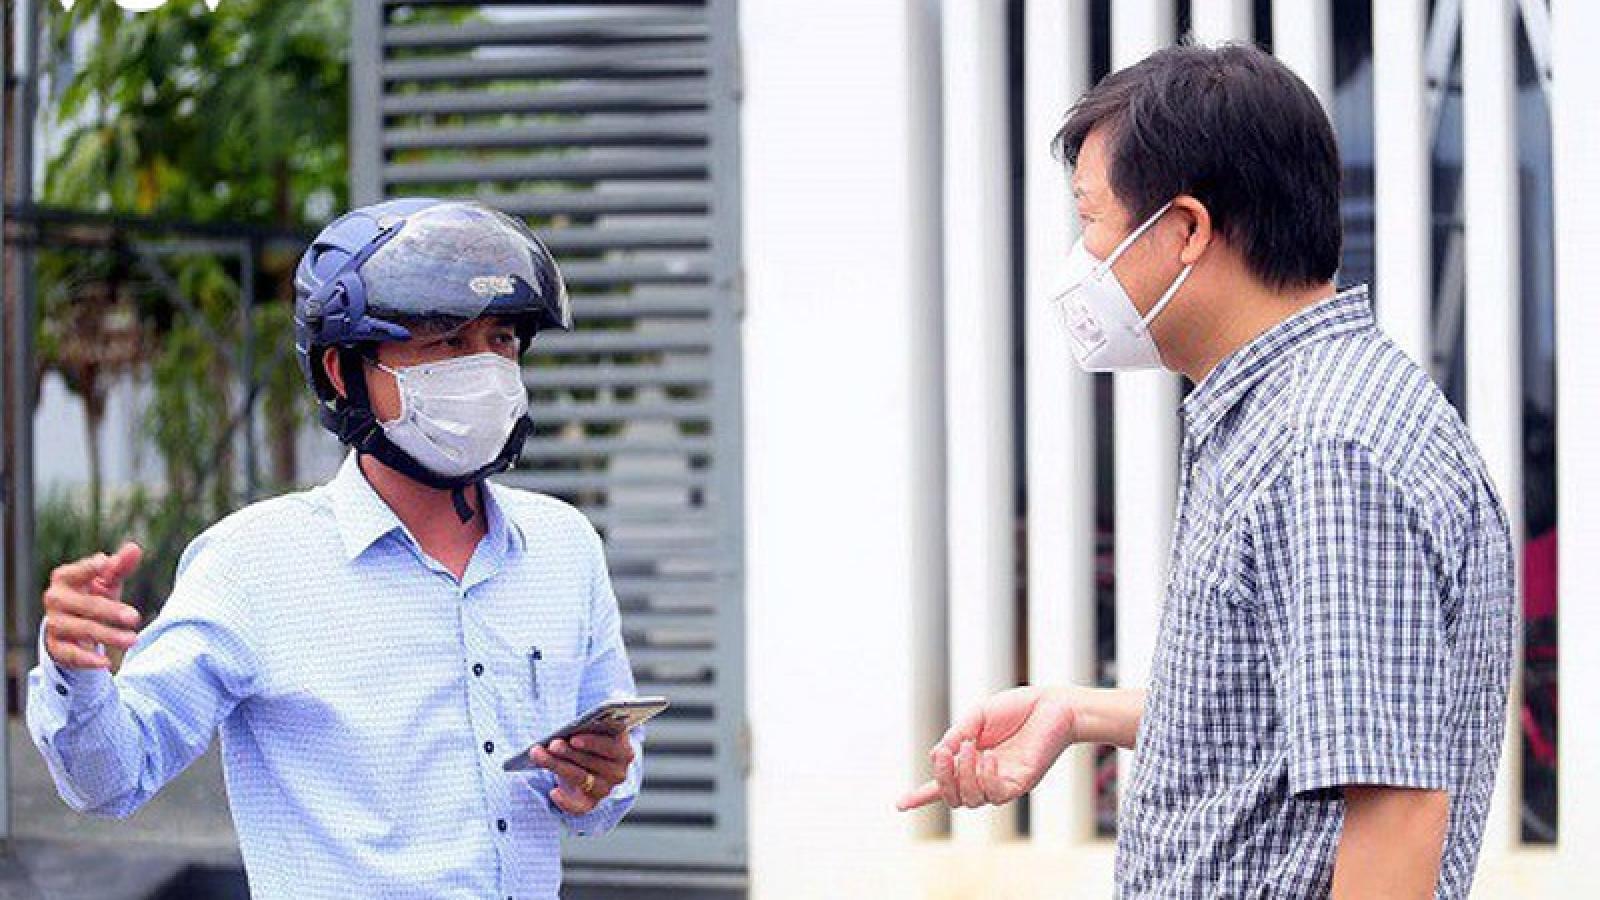 Đà Nẵng gỡ bỏ phong tỏa 1 thôn với 1500 dân, tạm đóng cửa 2 chợ